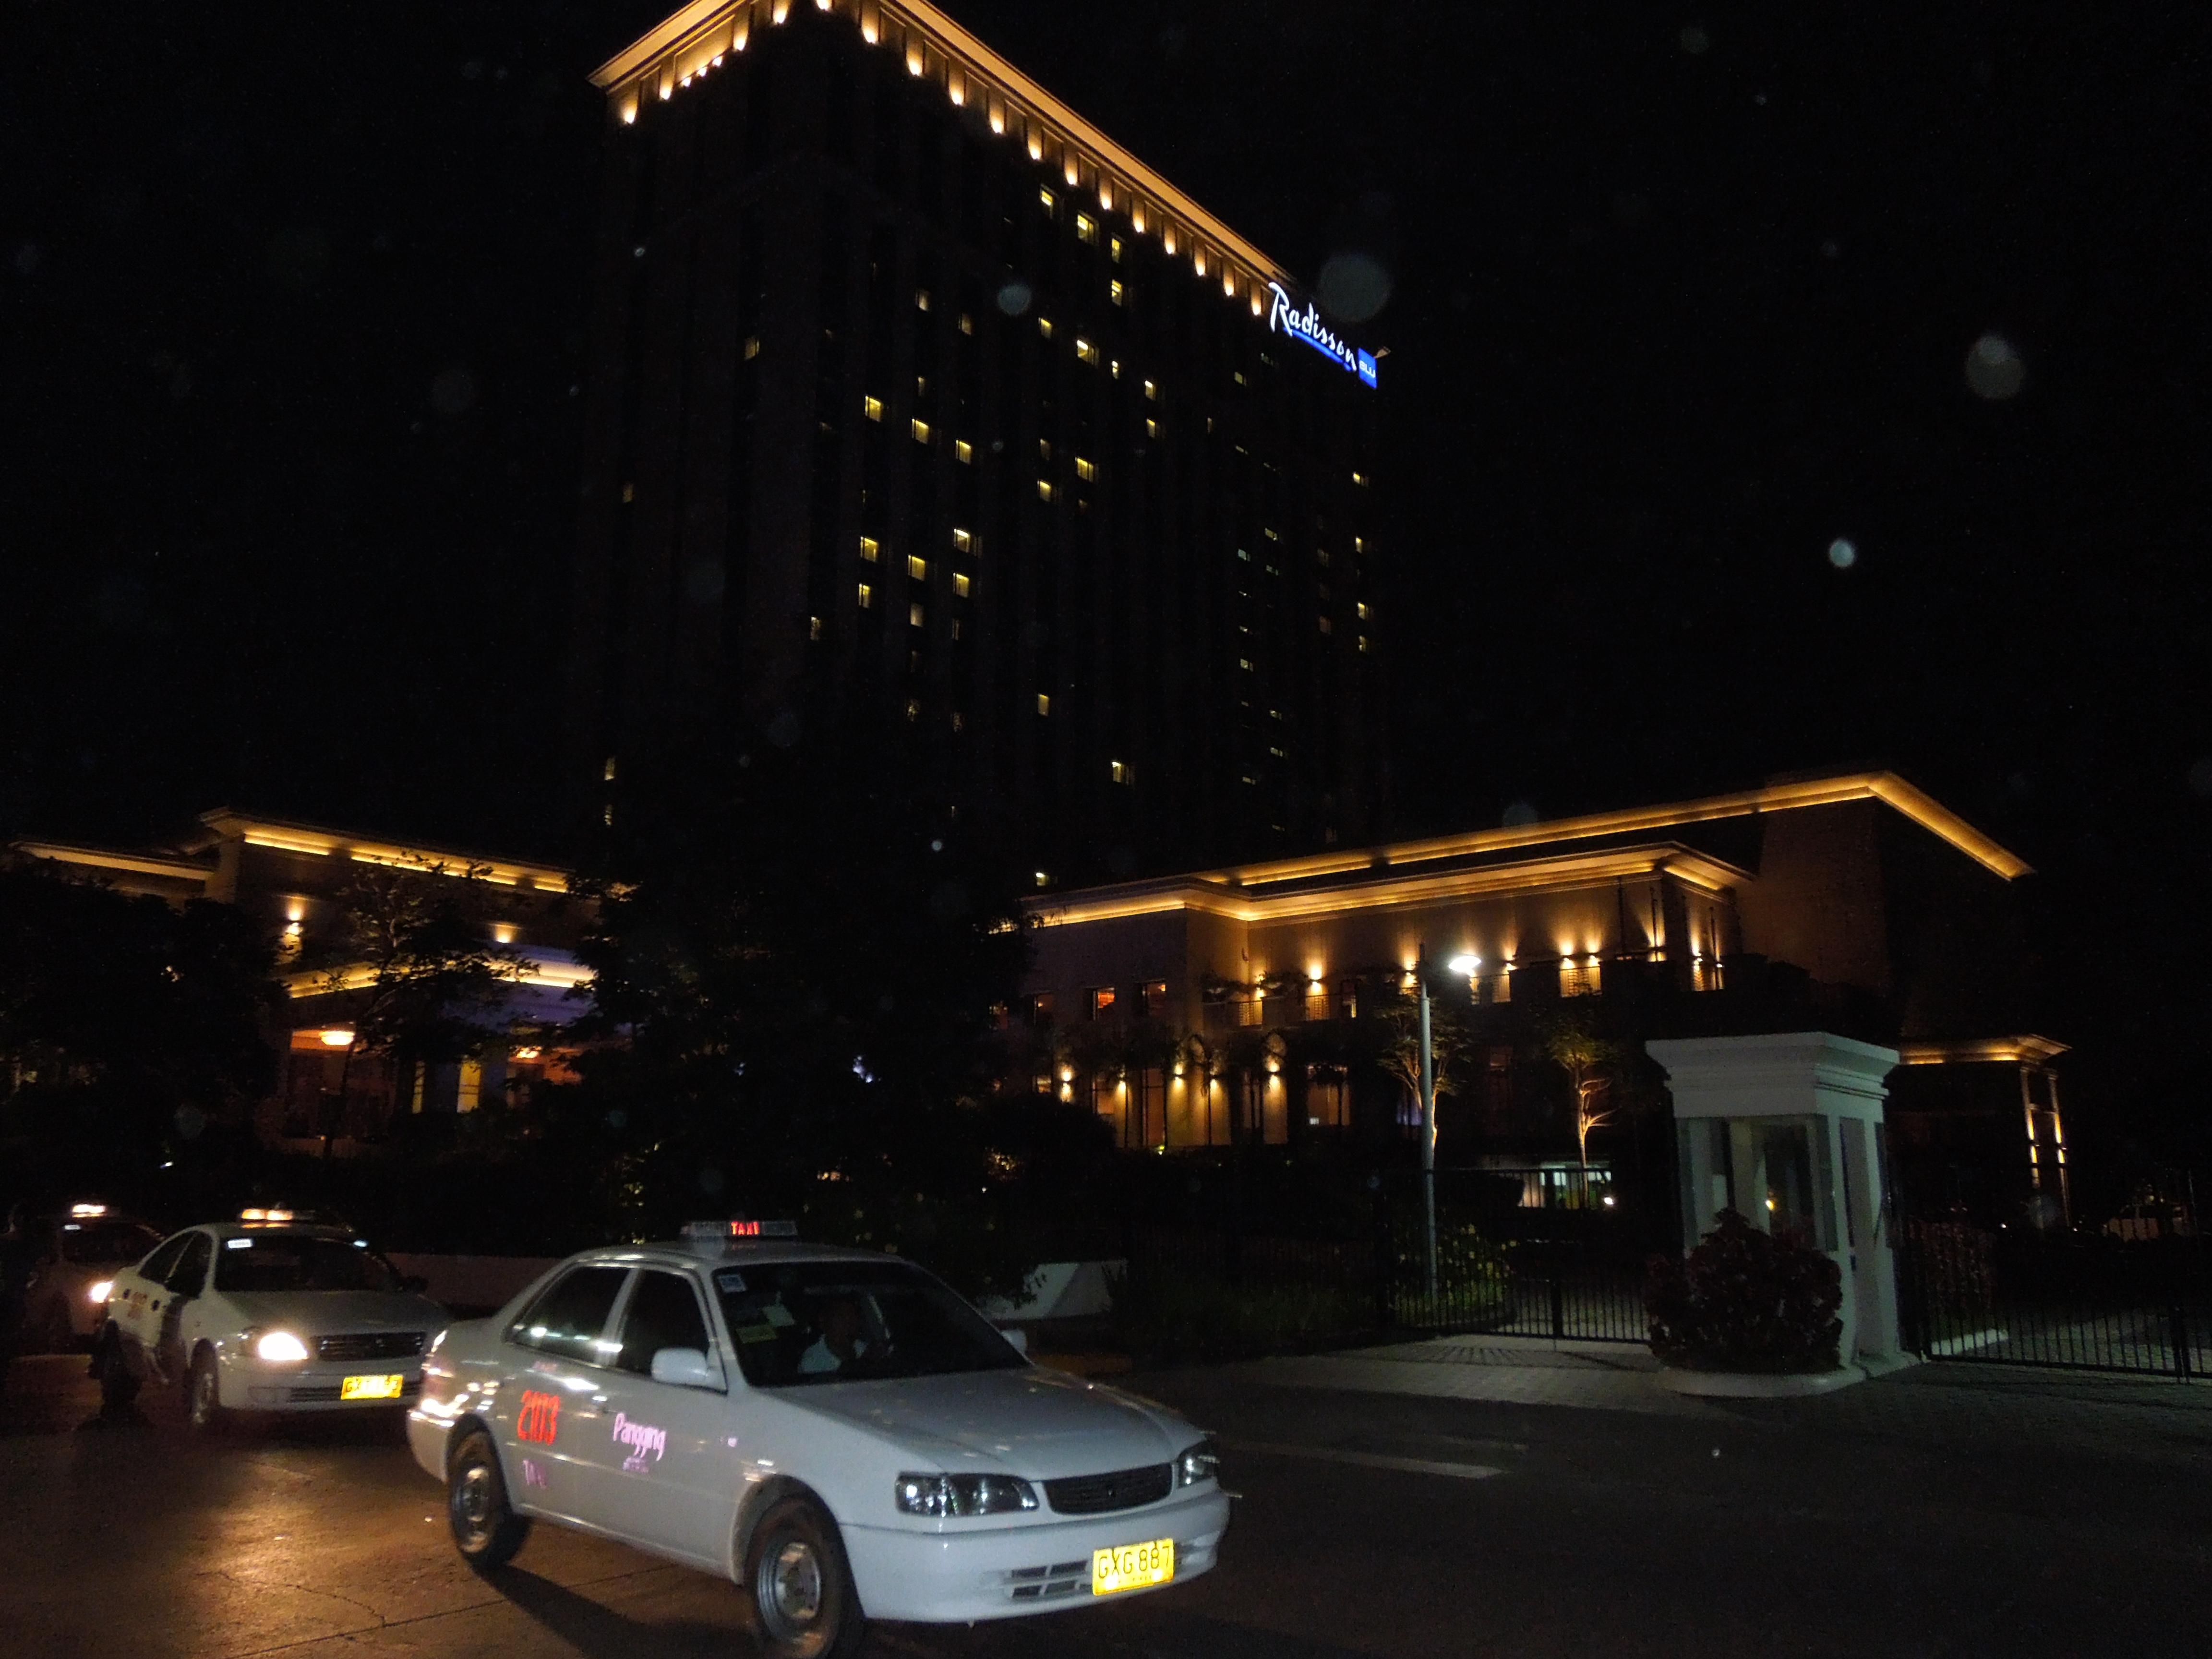 Radisson Blu Hotel(ラディソンブル)でブッフェを食べよう